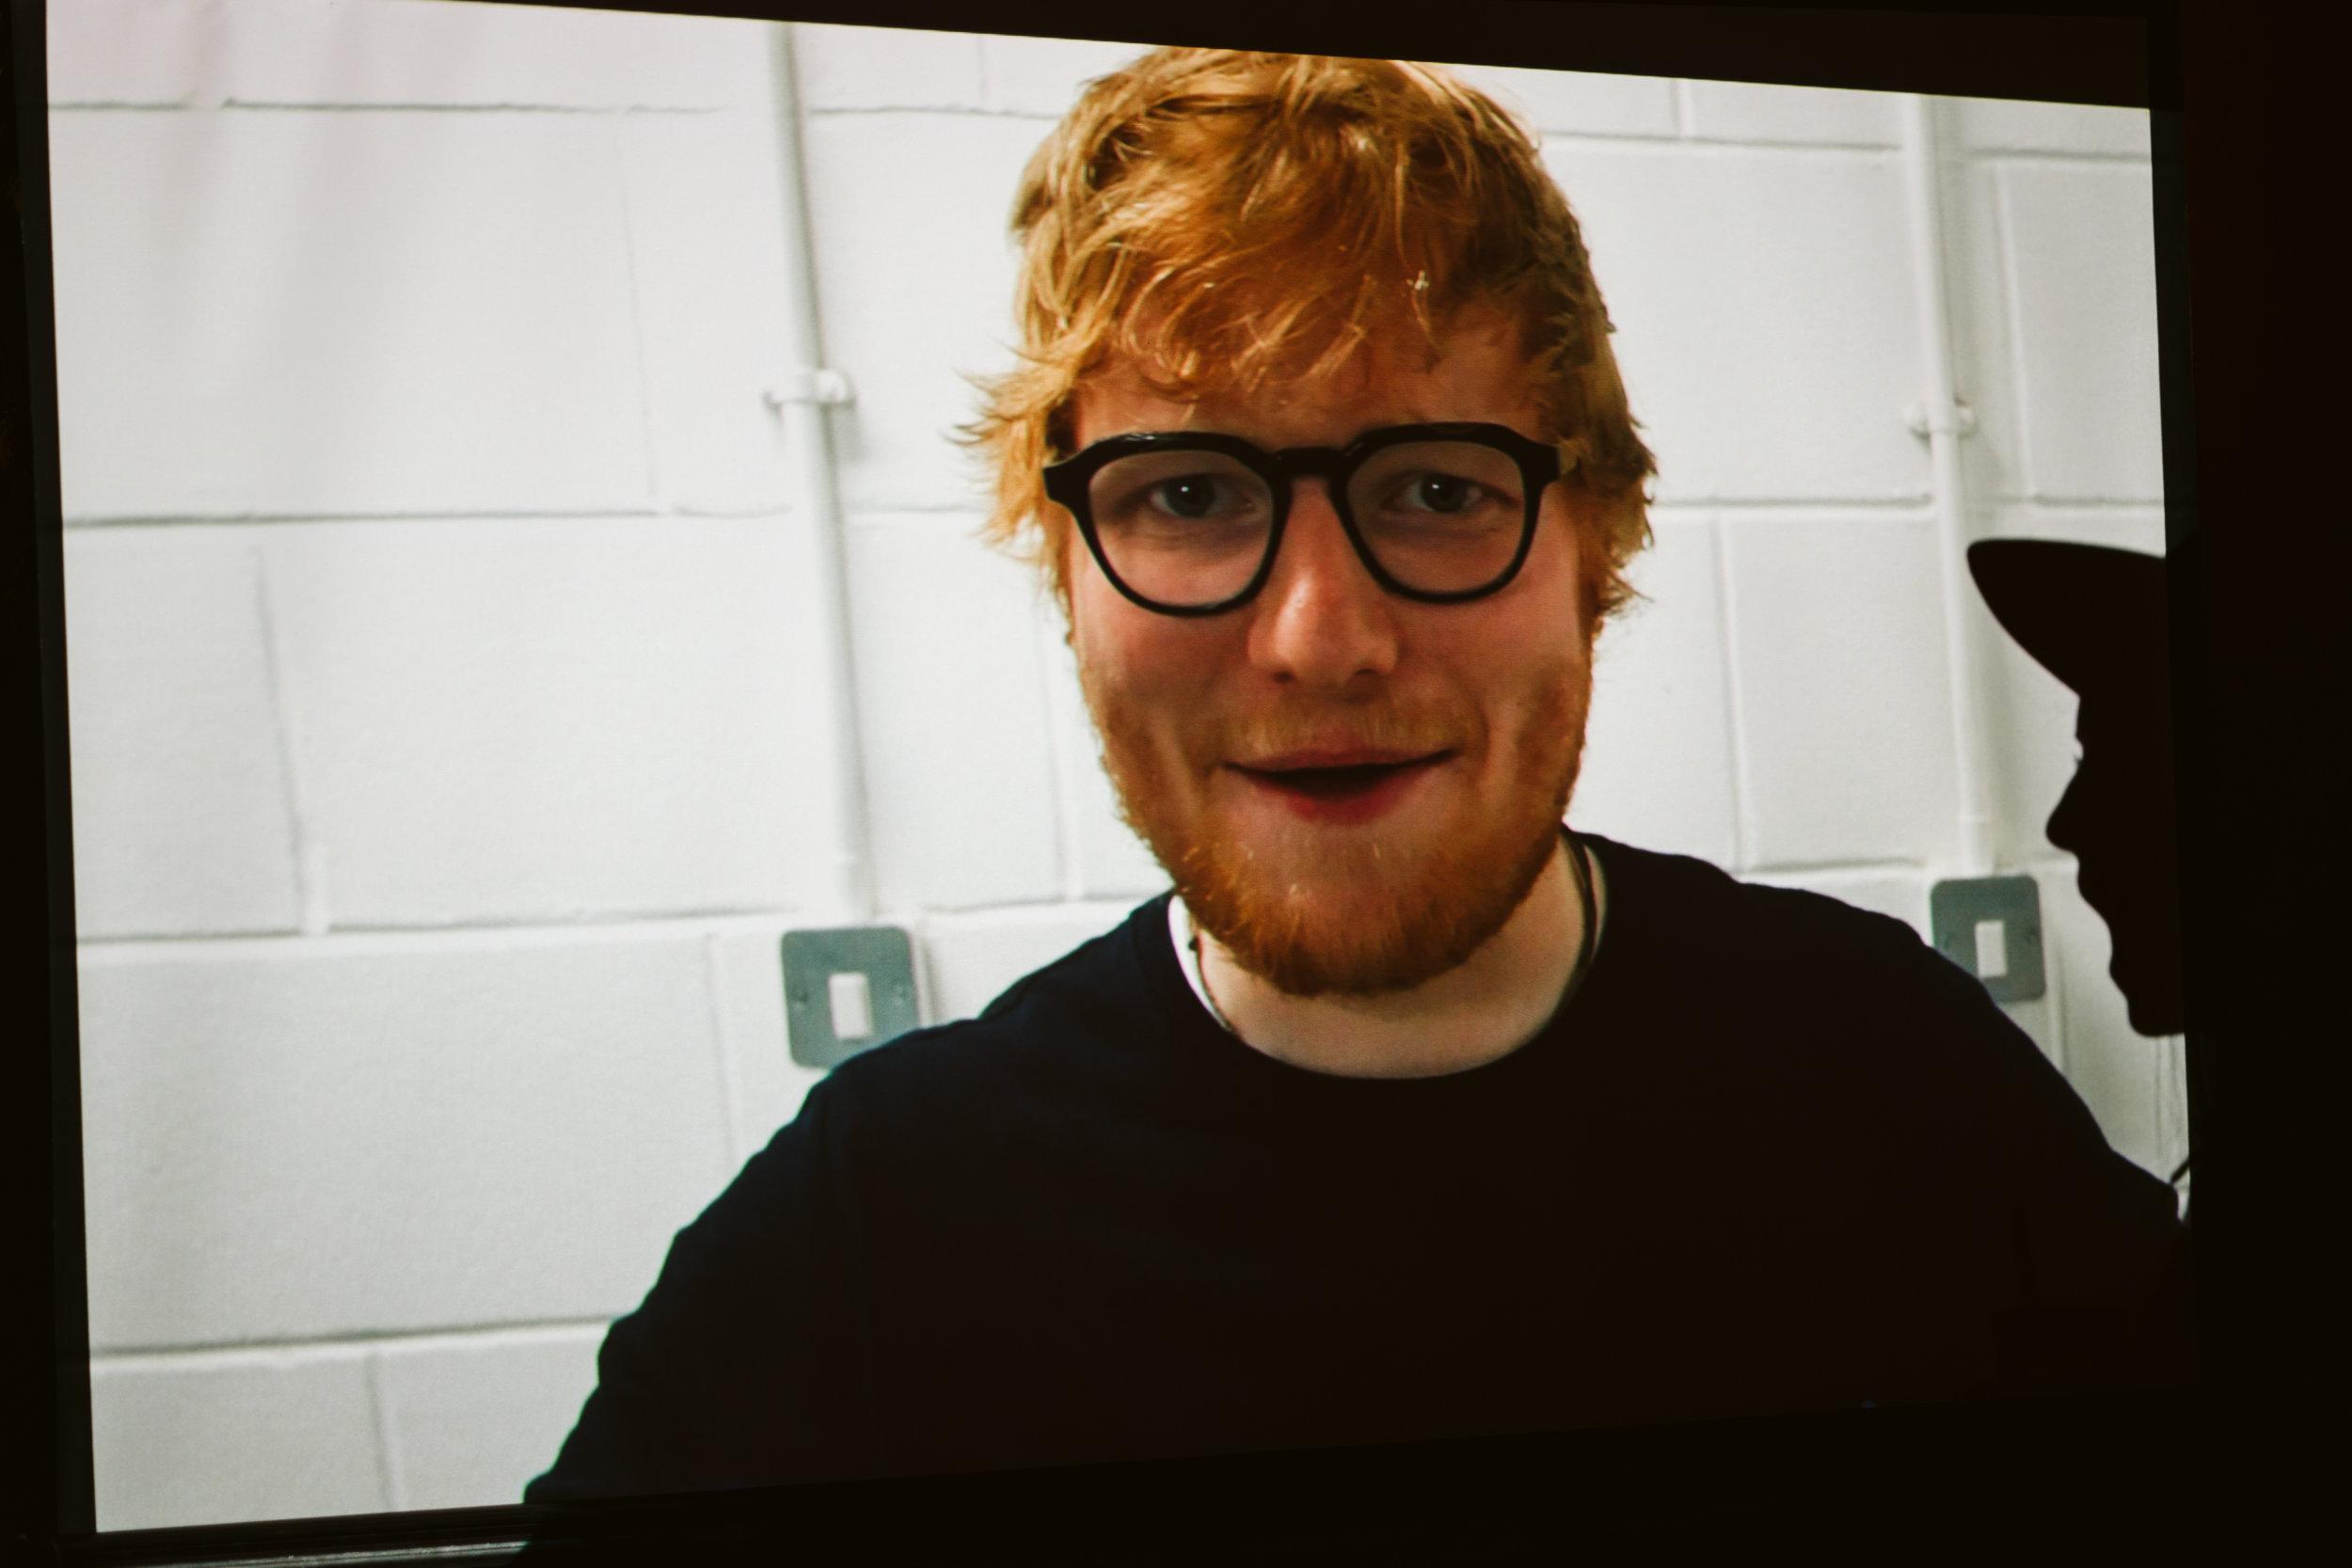 Celebrity Ed Sheeran at Wedding